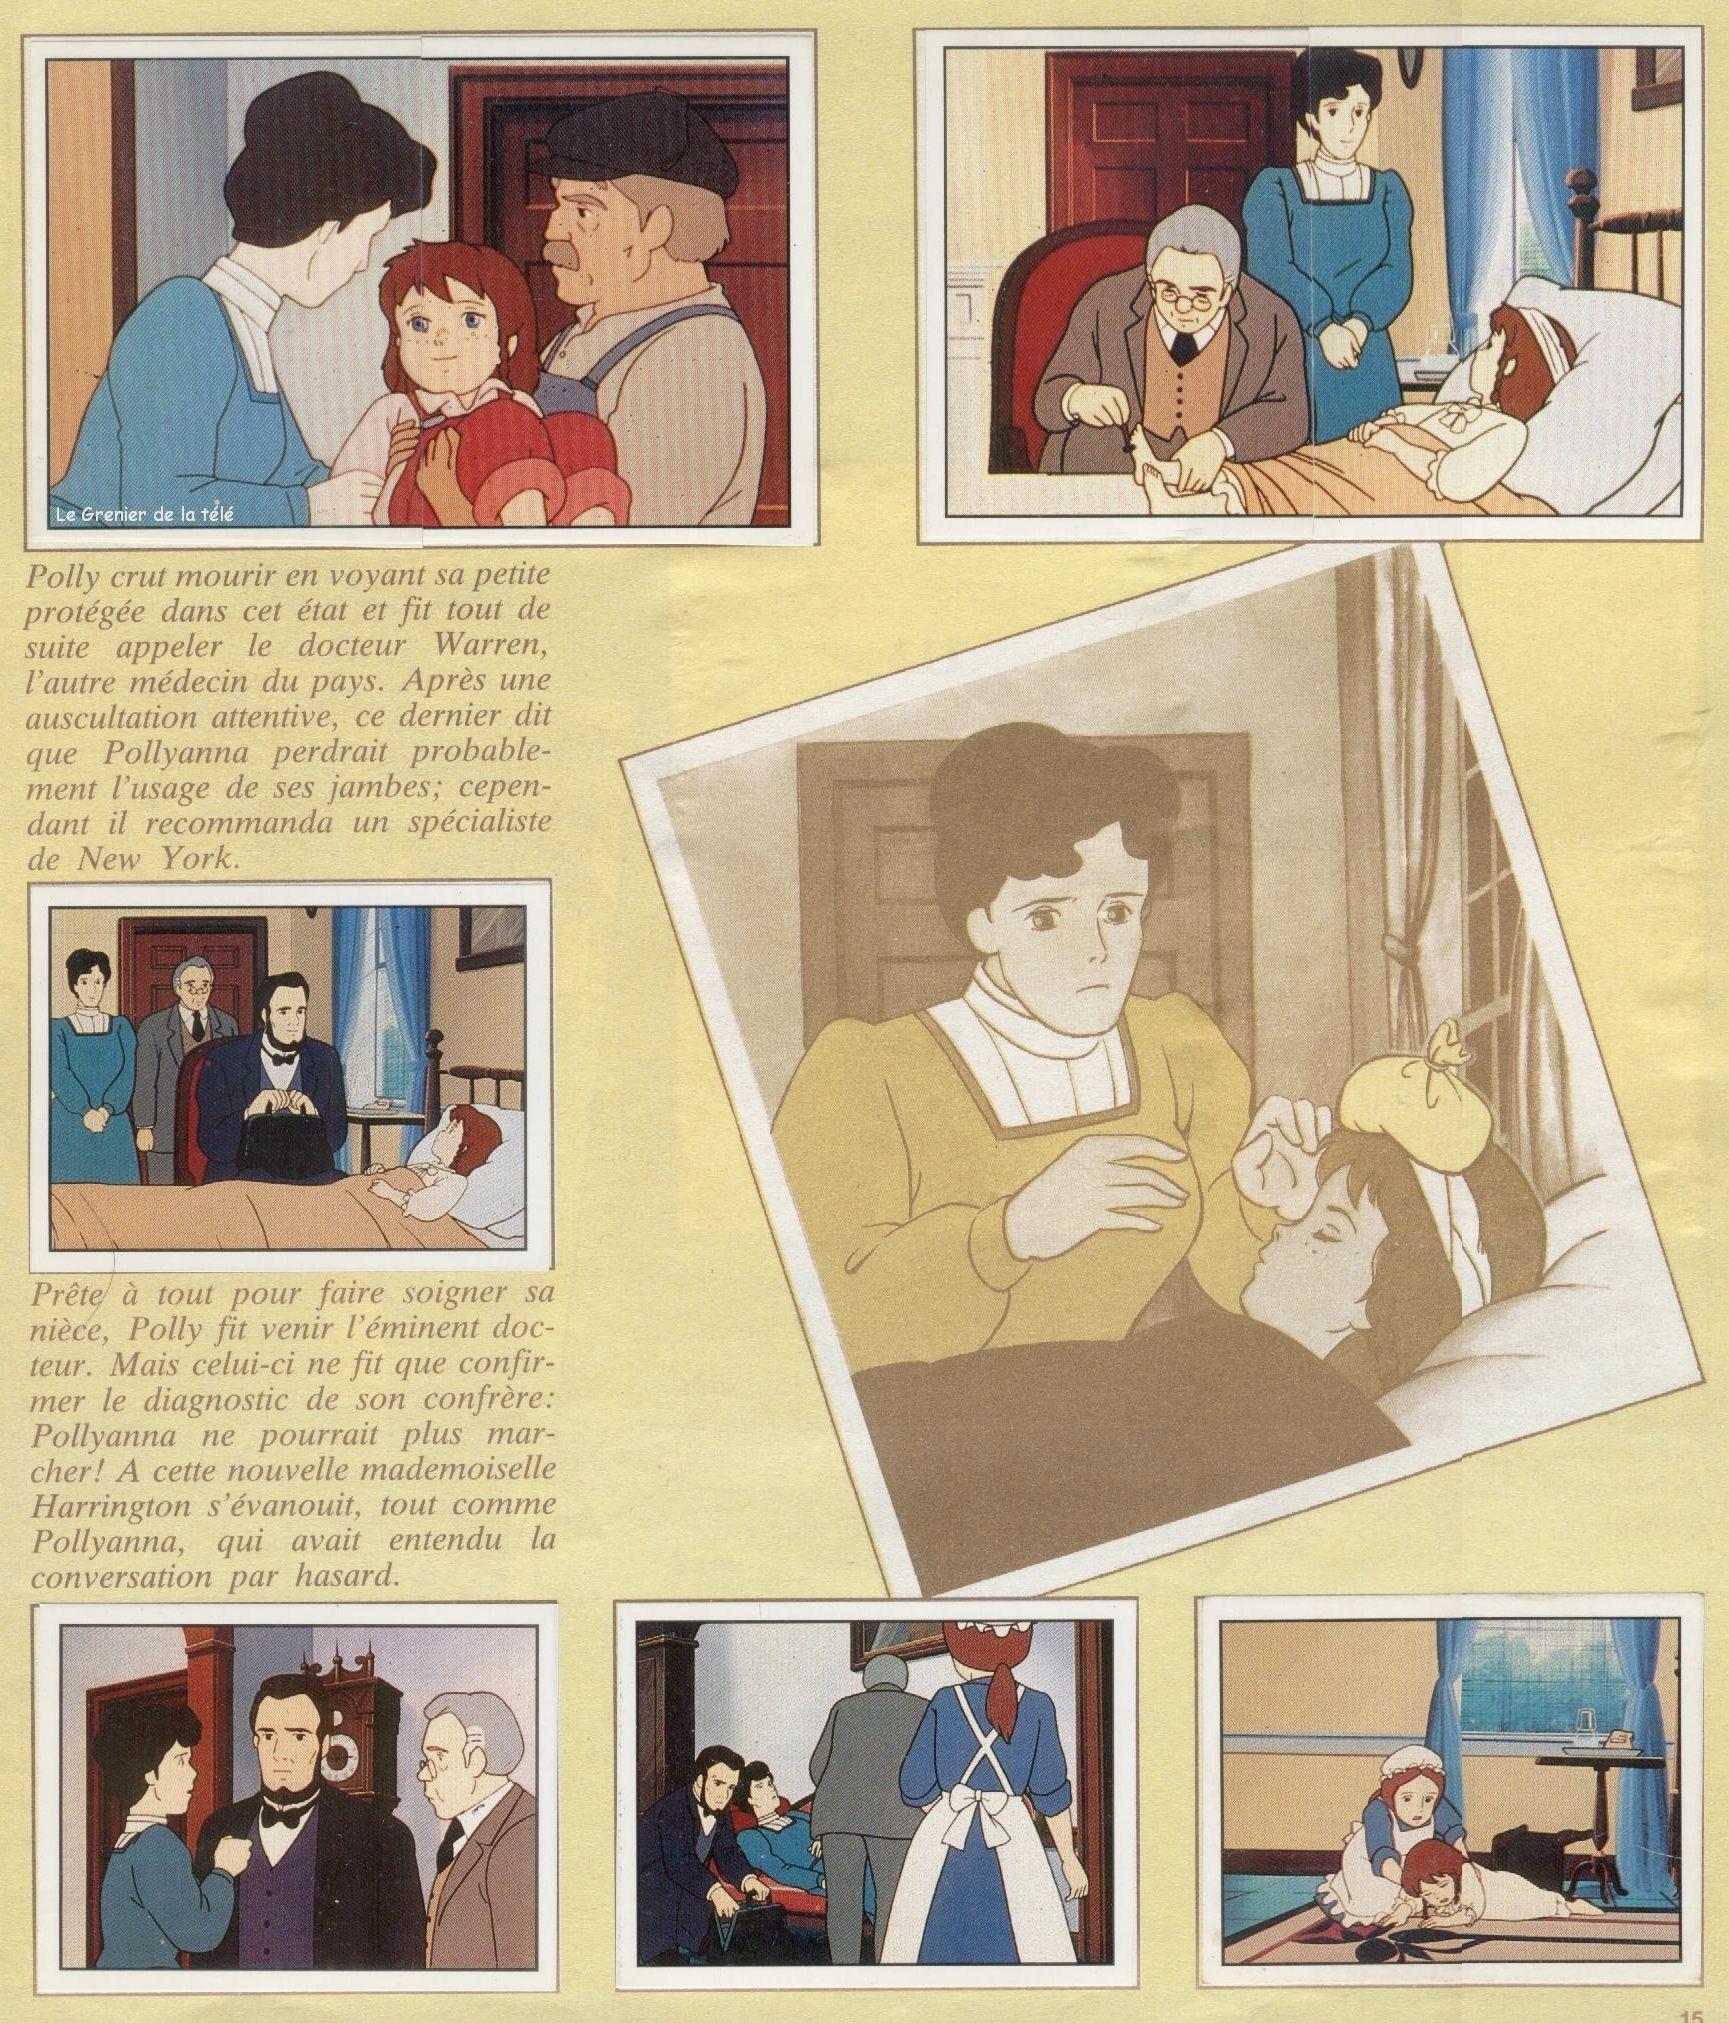 http://grenierdelatv.free.fr/polly15.jpg